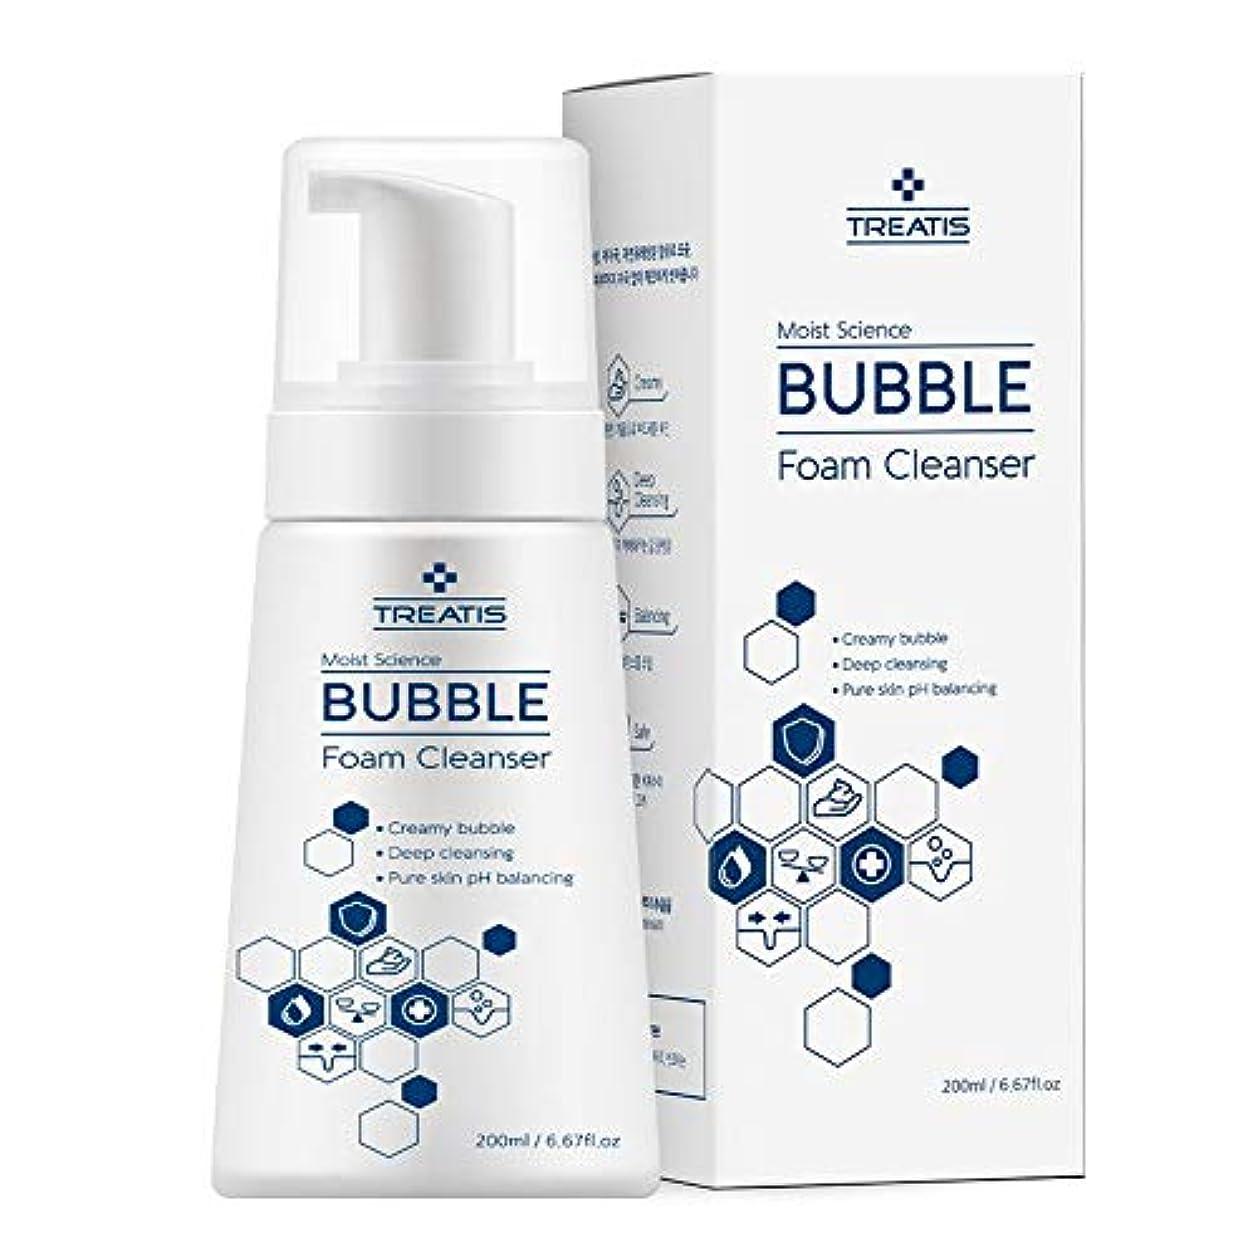 ♥贈呈品あり♥ [Treatis] Moist Science BUBBLE FOAM CLEANSER 200ml/バブルフォームクレンザー/洗顔料/フォーミングクレンザー